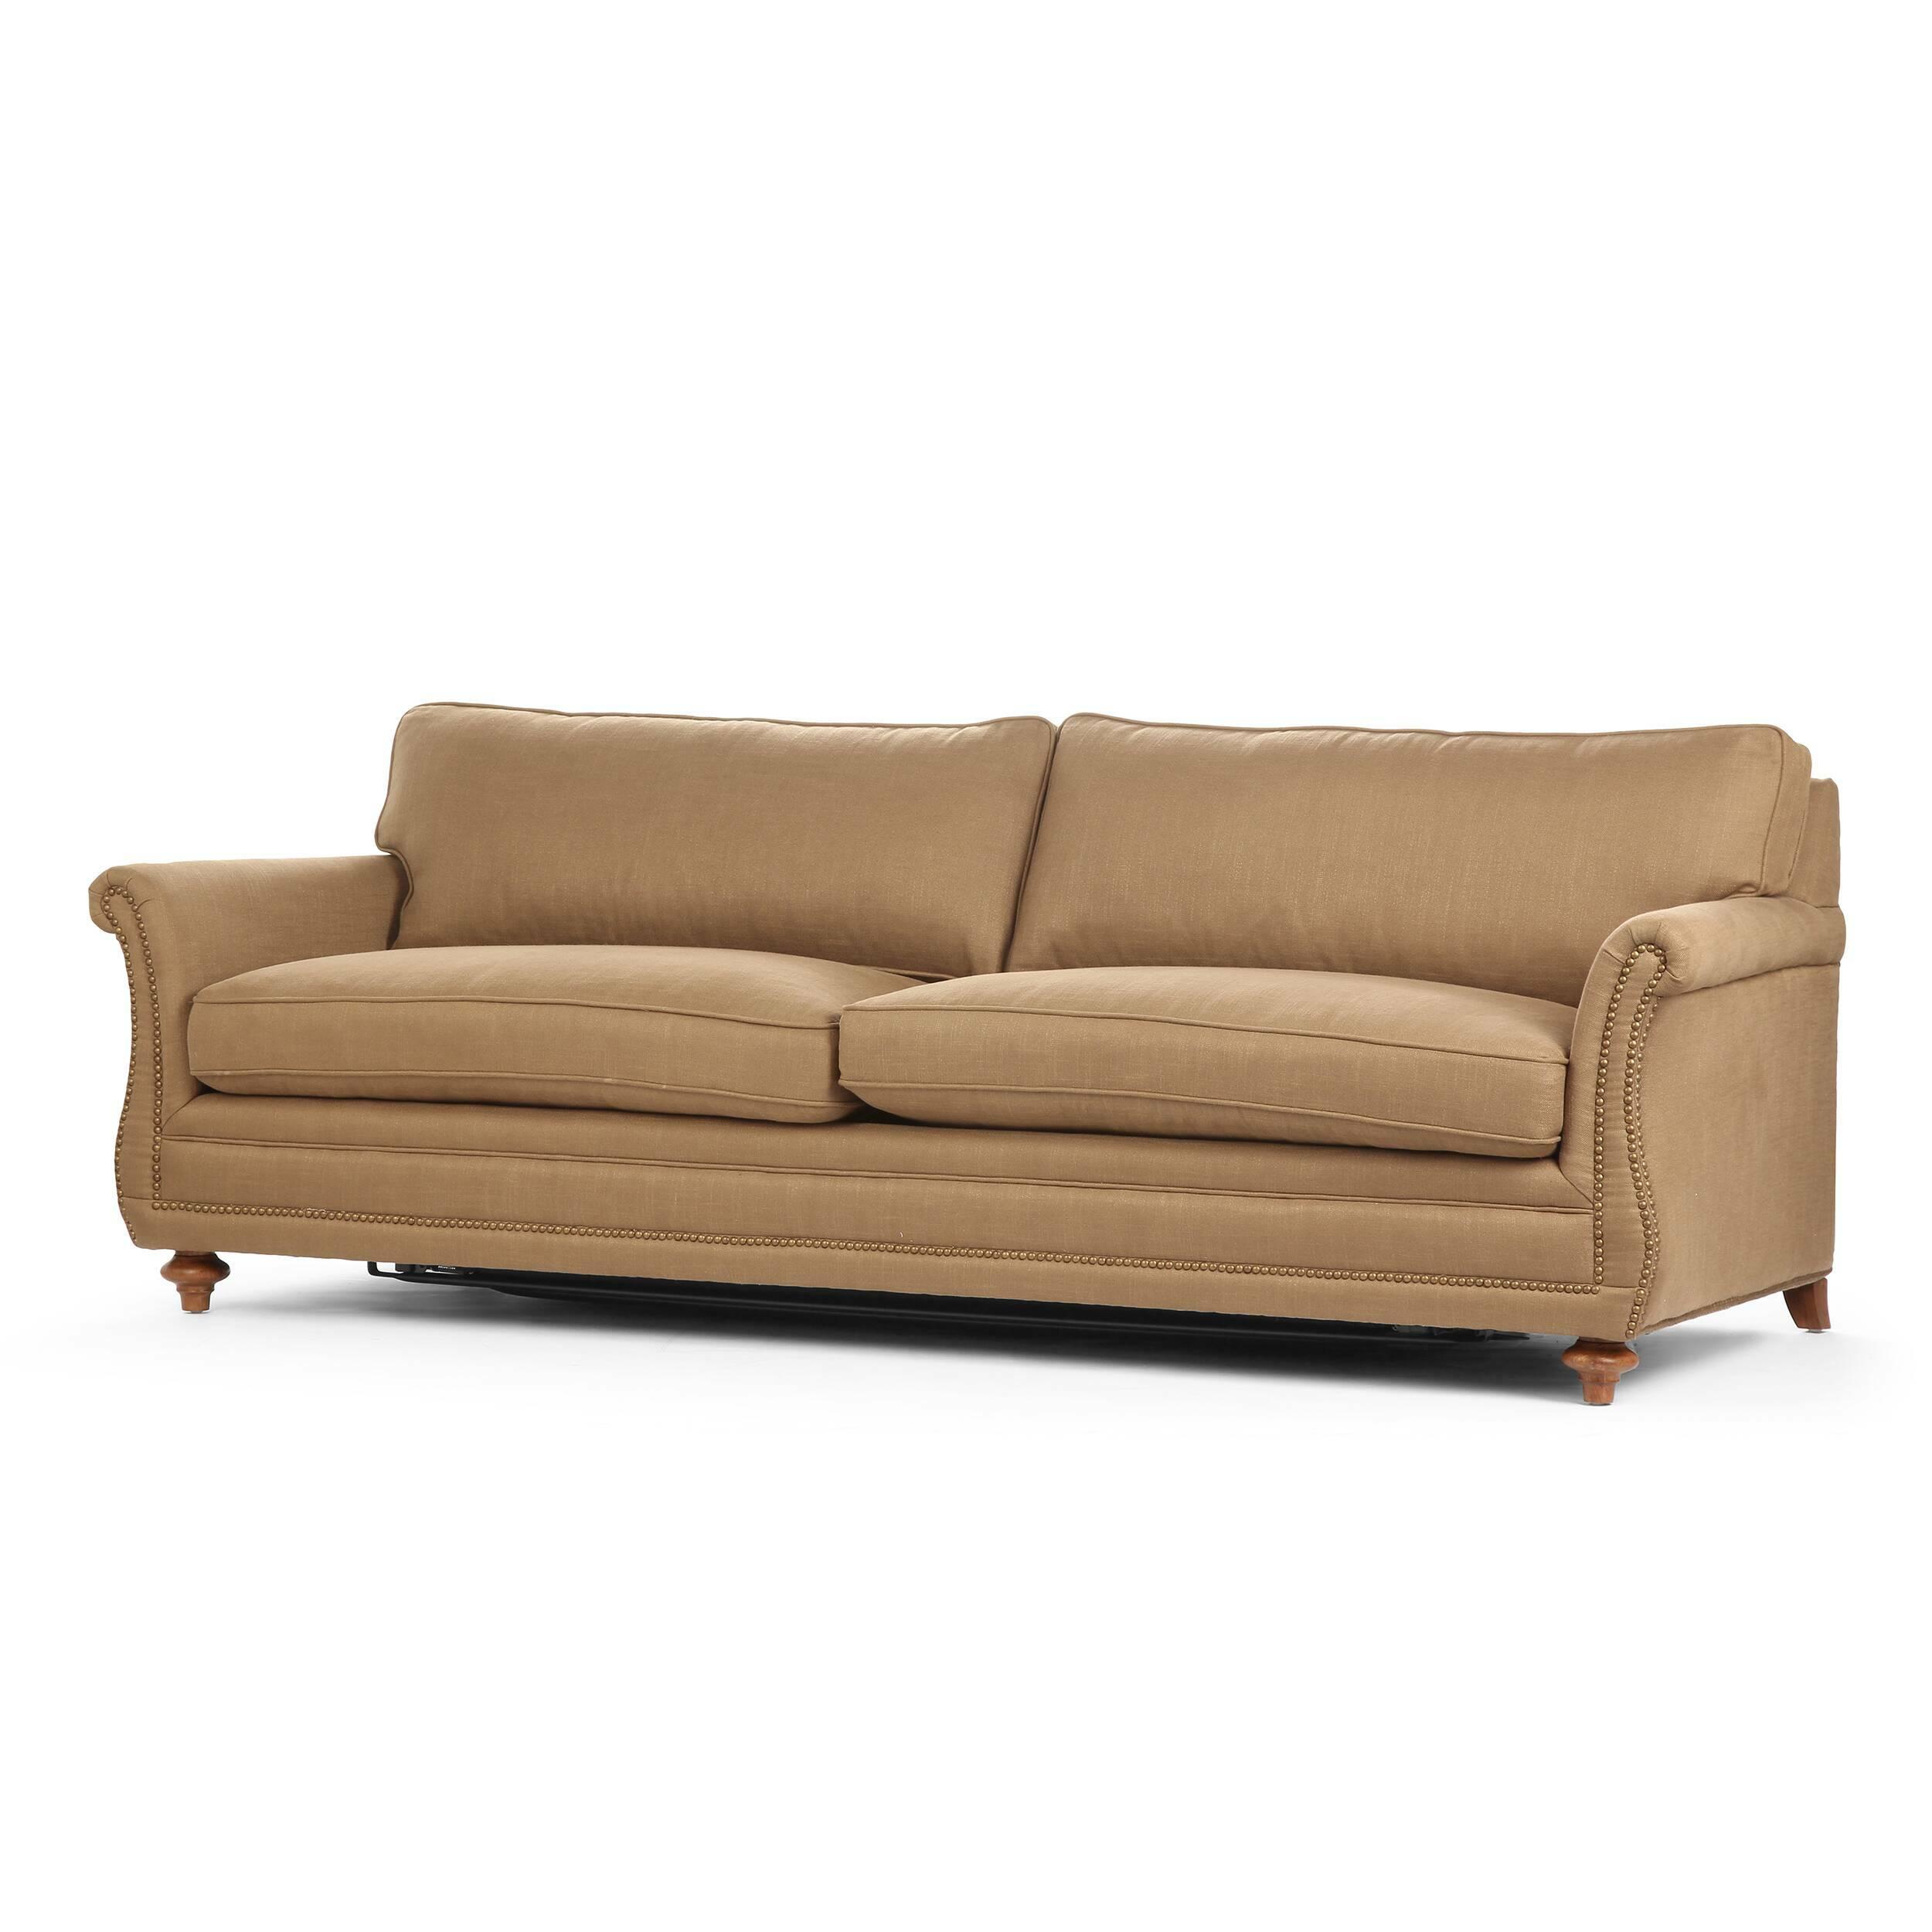 Диван BrayРаскладные<br>Дизайнерский коричневый раскладной диван Bray (Брэй) с тканевой обивкой на темно-коричневых ножках от Cosmo (Космо).<br> Классический стиль и приятное, легкое цветовое исполнение — диван Bray цепляет своим очевидным комфортом и ненавязчивой красотой. Удобные подлокотники дополняют необычайно комфортное сиденье и спинку, что в результате дает замечательную конструкцию, позволяющую вам с удобством устроиться как в рабочем офисе, так и в любимой гостиной комнате. Диван выполнен в однотонном форма...<br><br>stock: 6<br>Высота: 76<br>Высота сиденья: 55<br>Глубина: 100<br>Длина: 235<br>Цвет ножек: Дуб<br>Механизмы: Раскладной<br>Материал ножек: Массив дуба<br>Материал обивки: Лен, Полиэстер, Вискоза<br>Тип материала обивки: Ткань<br>Тип материала ножек: Дерево<br>Цвет обивки: Коричневый